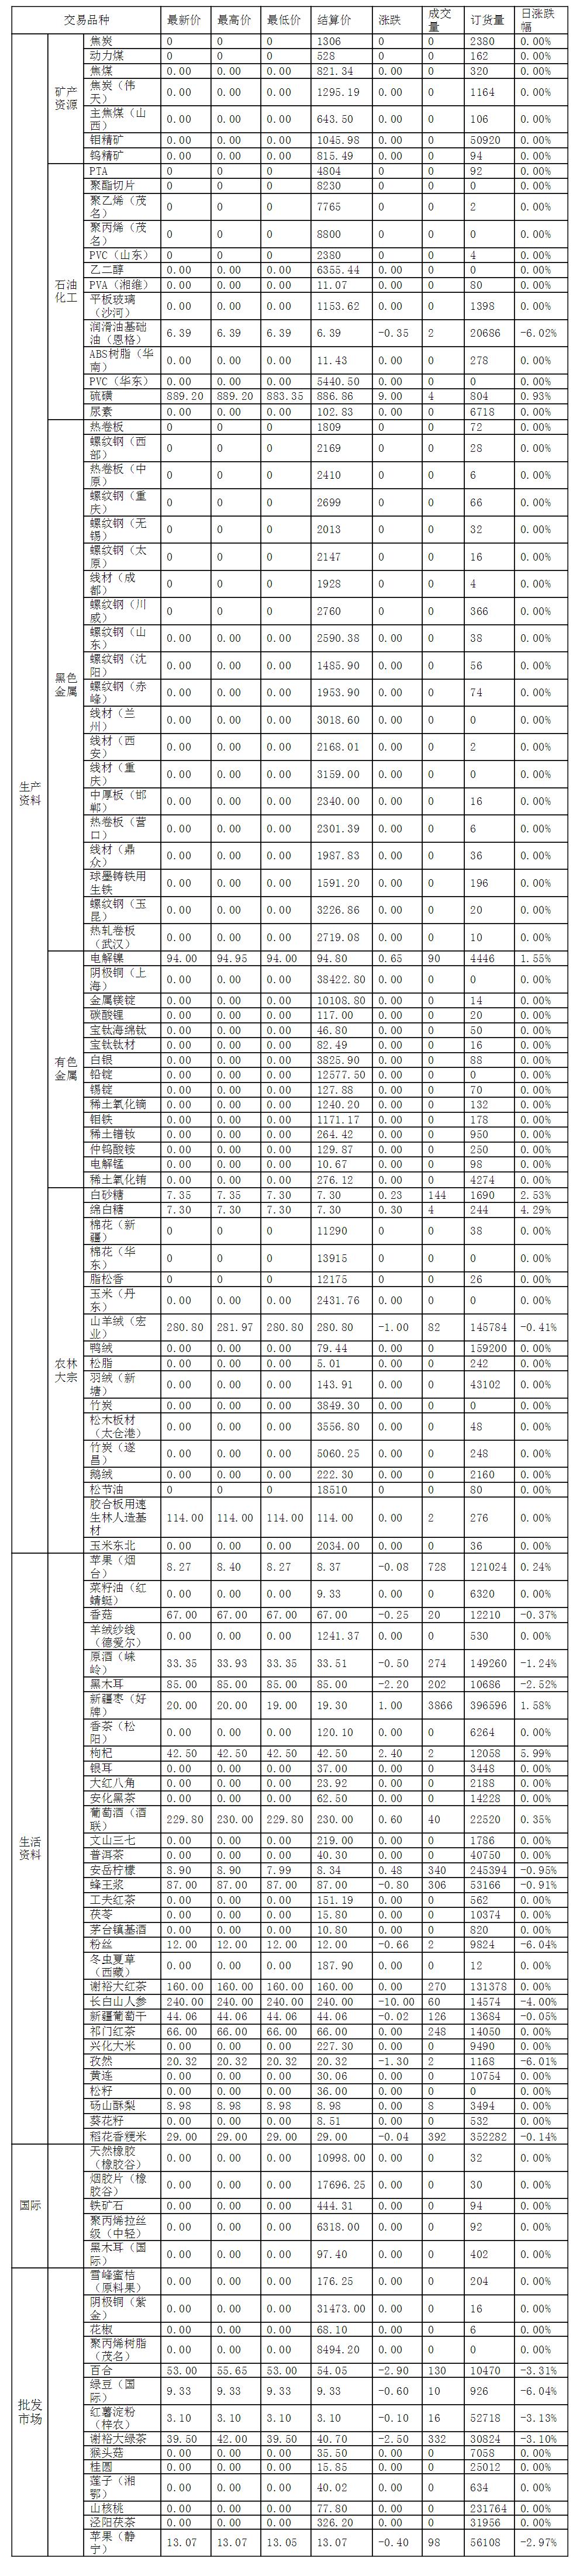 2016年12月7日渤海商品交易所每日行情